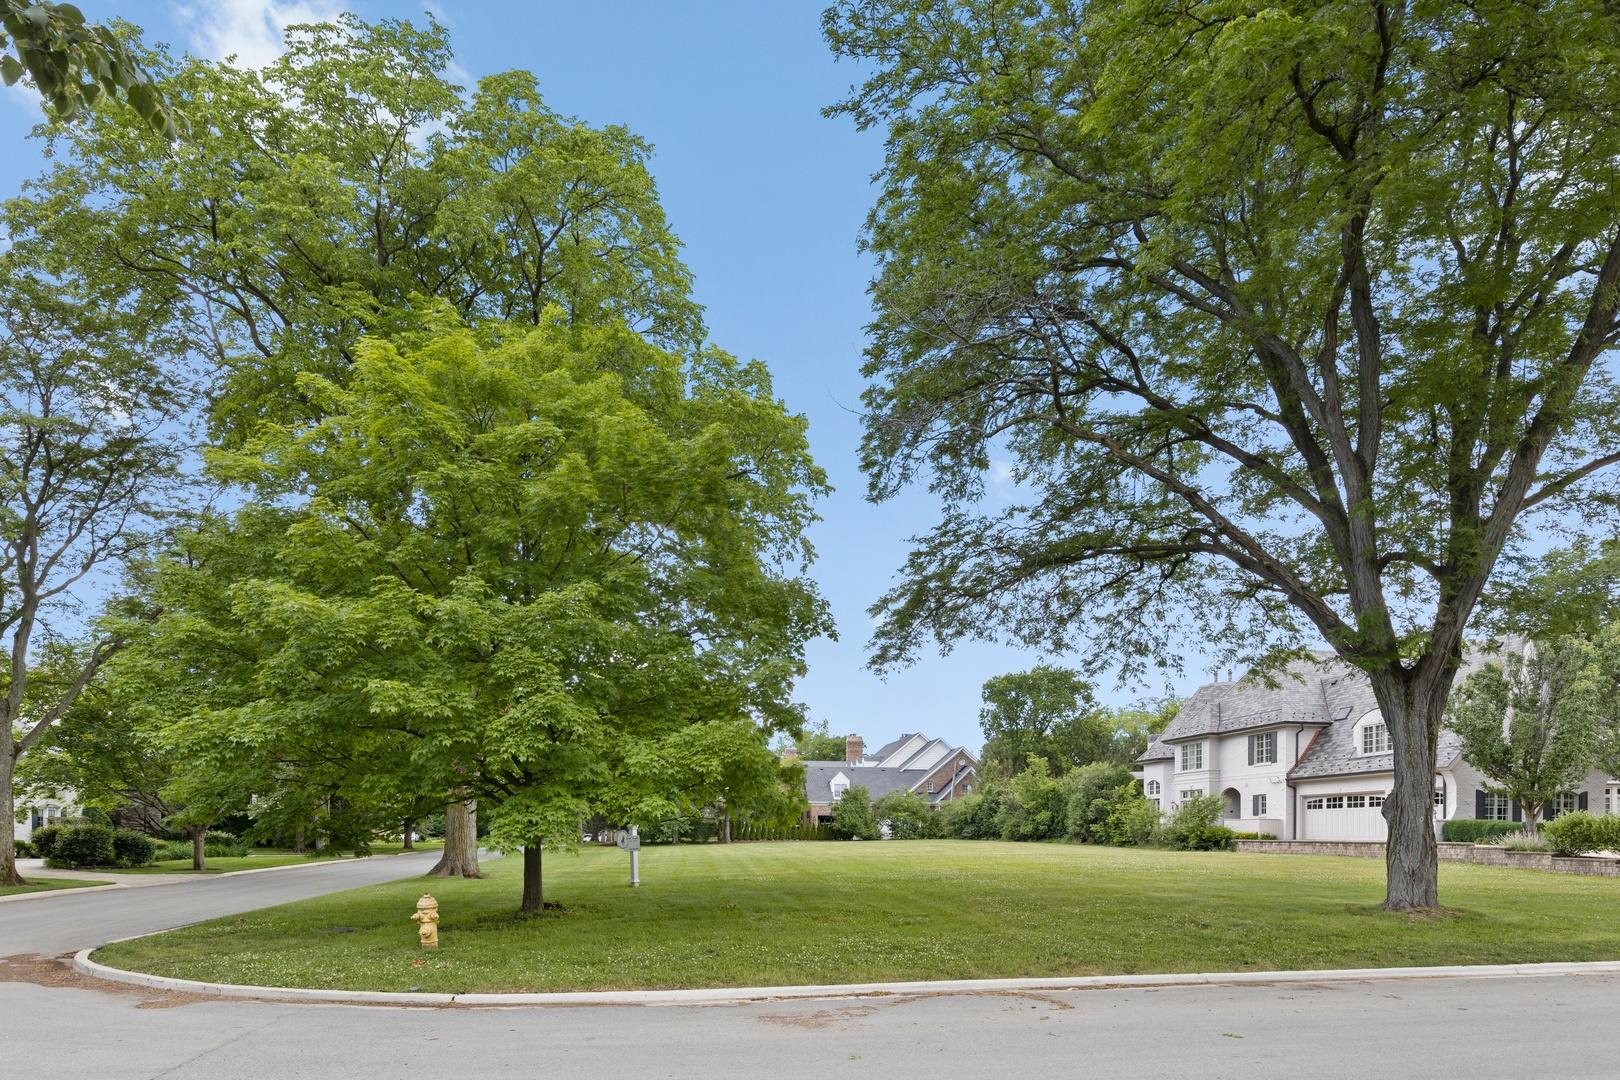 844 Park ,Hinsdale, Illinois 60521